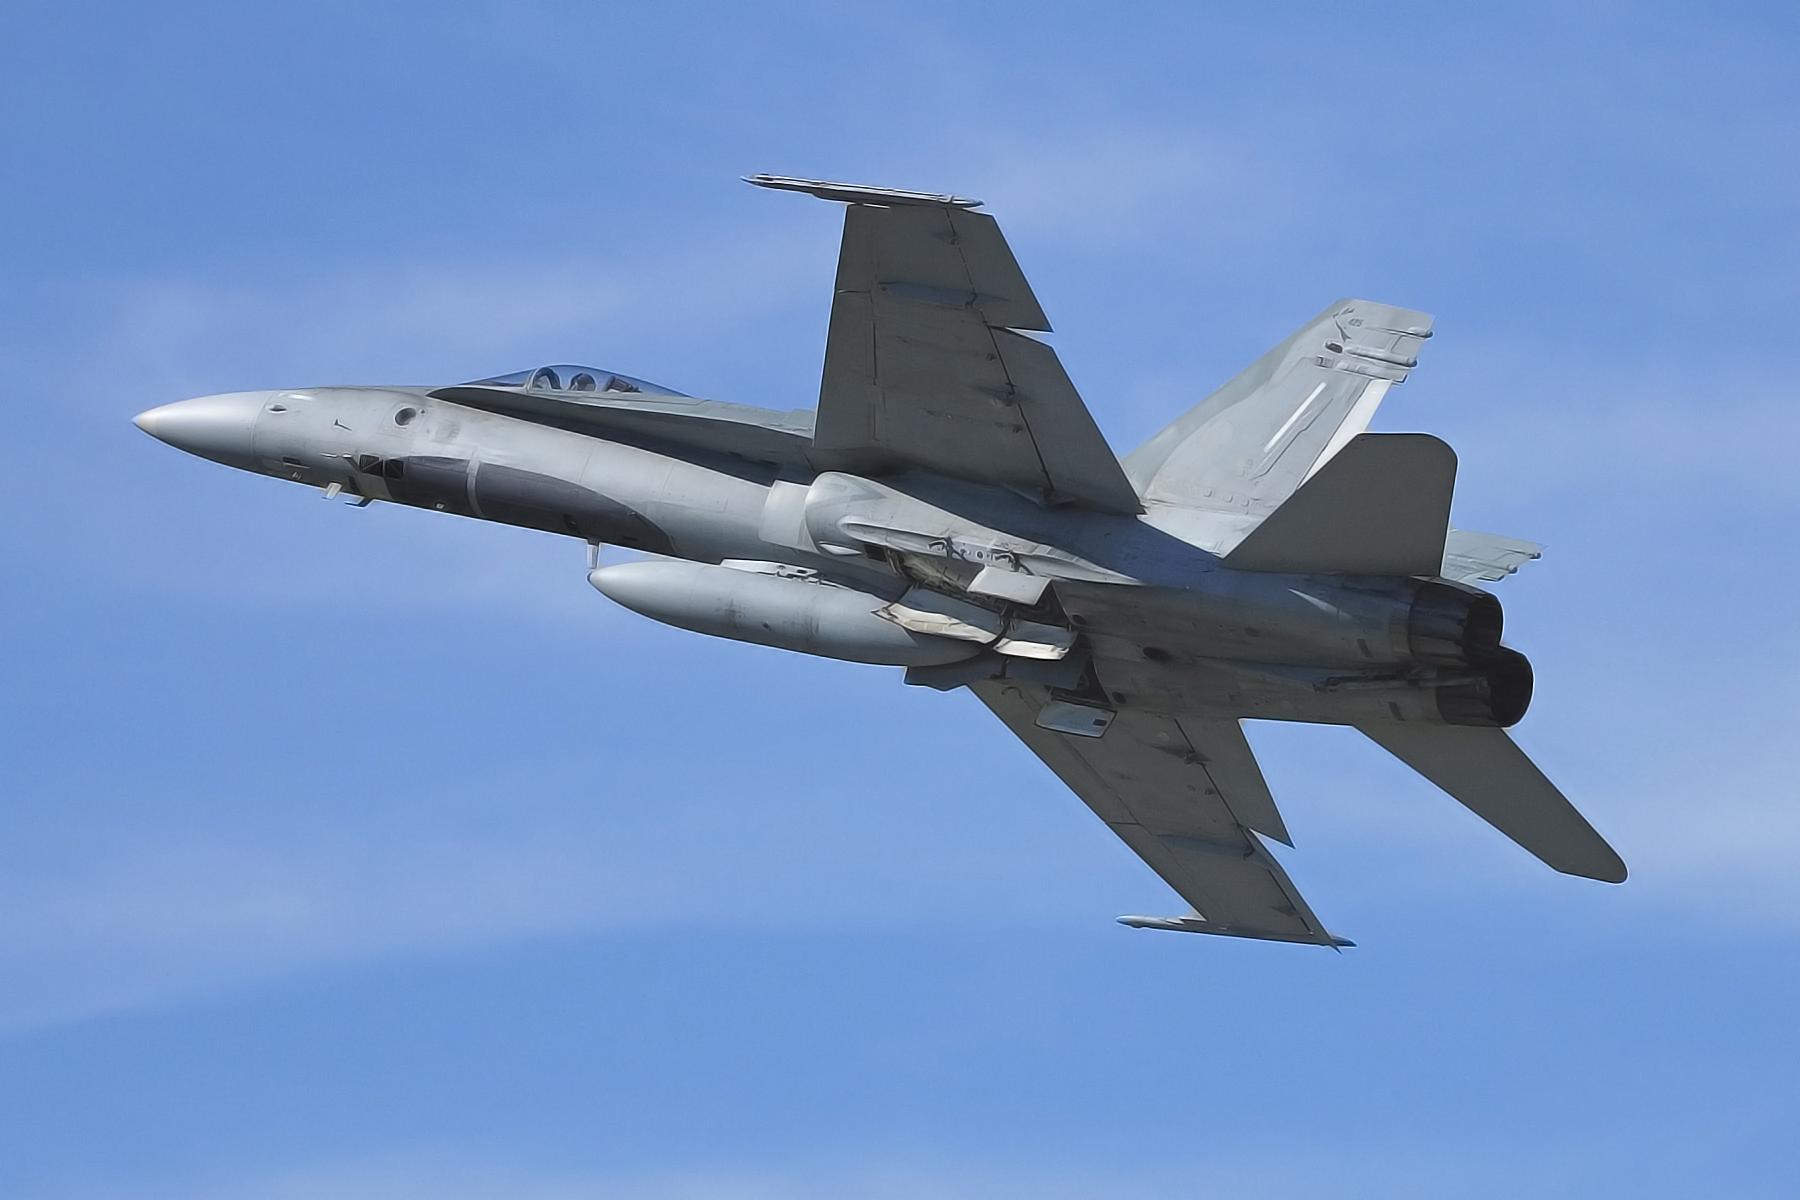 Boeing F-18 fighter jet